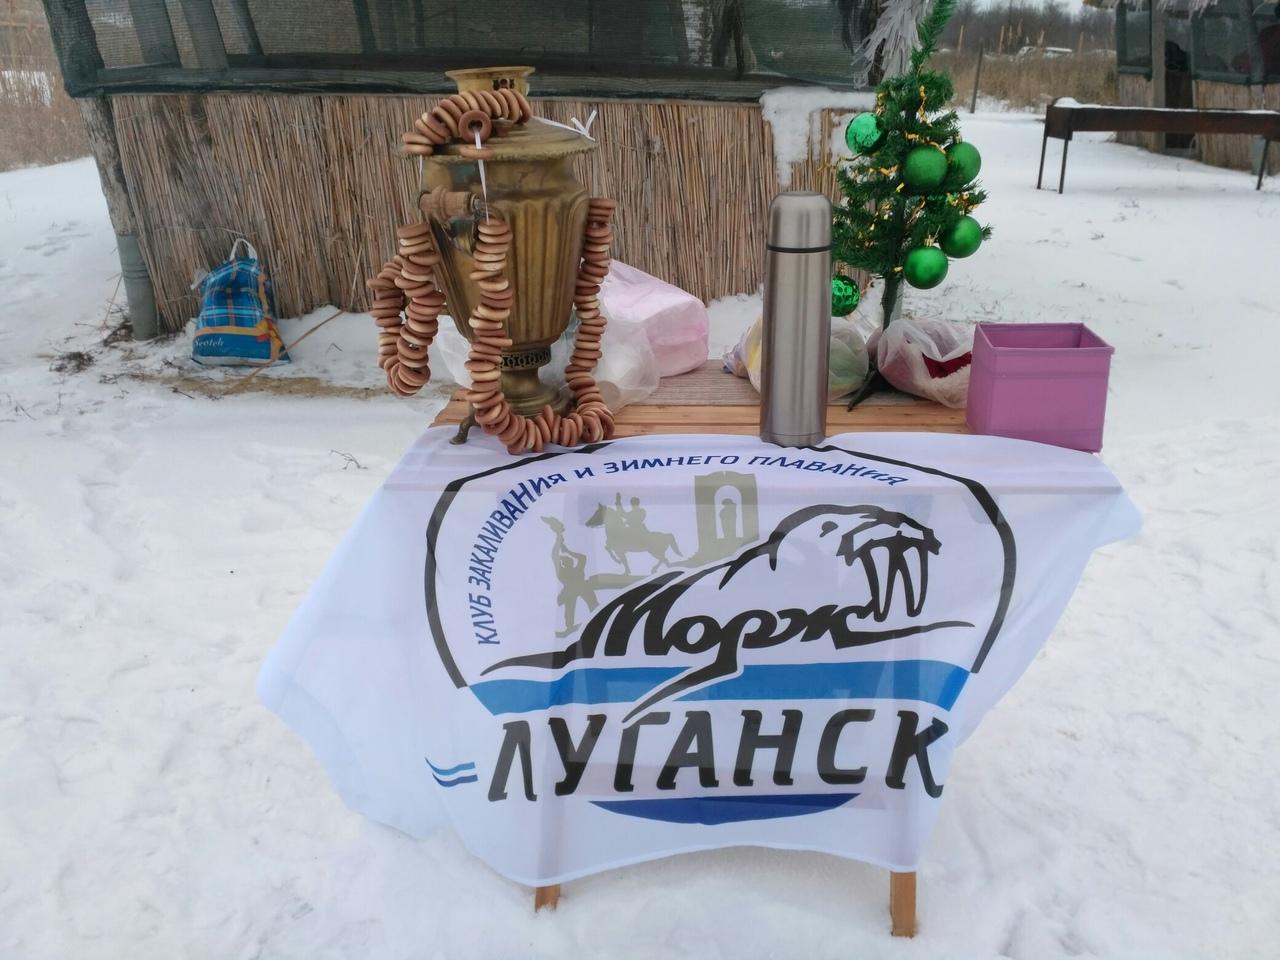 Луганские моржи встретили Новый год раньше всех в ЛНР